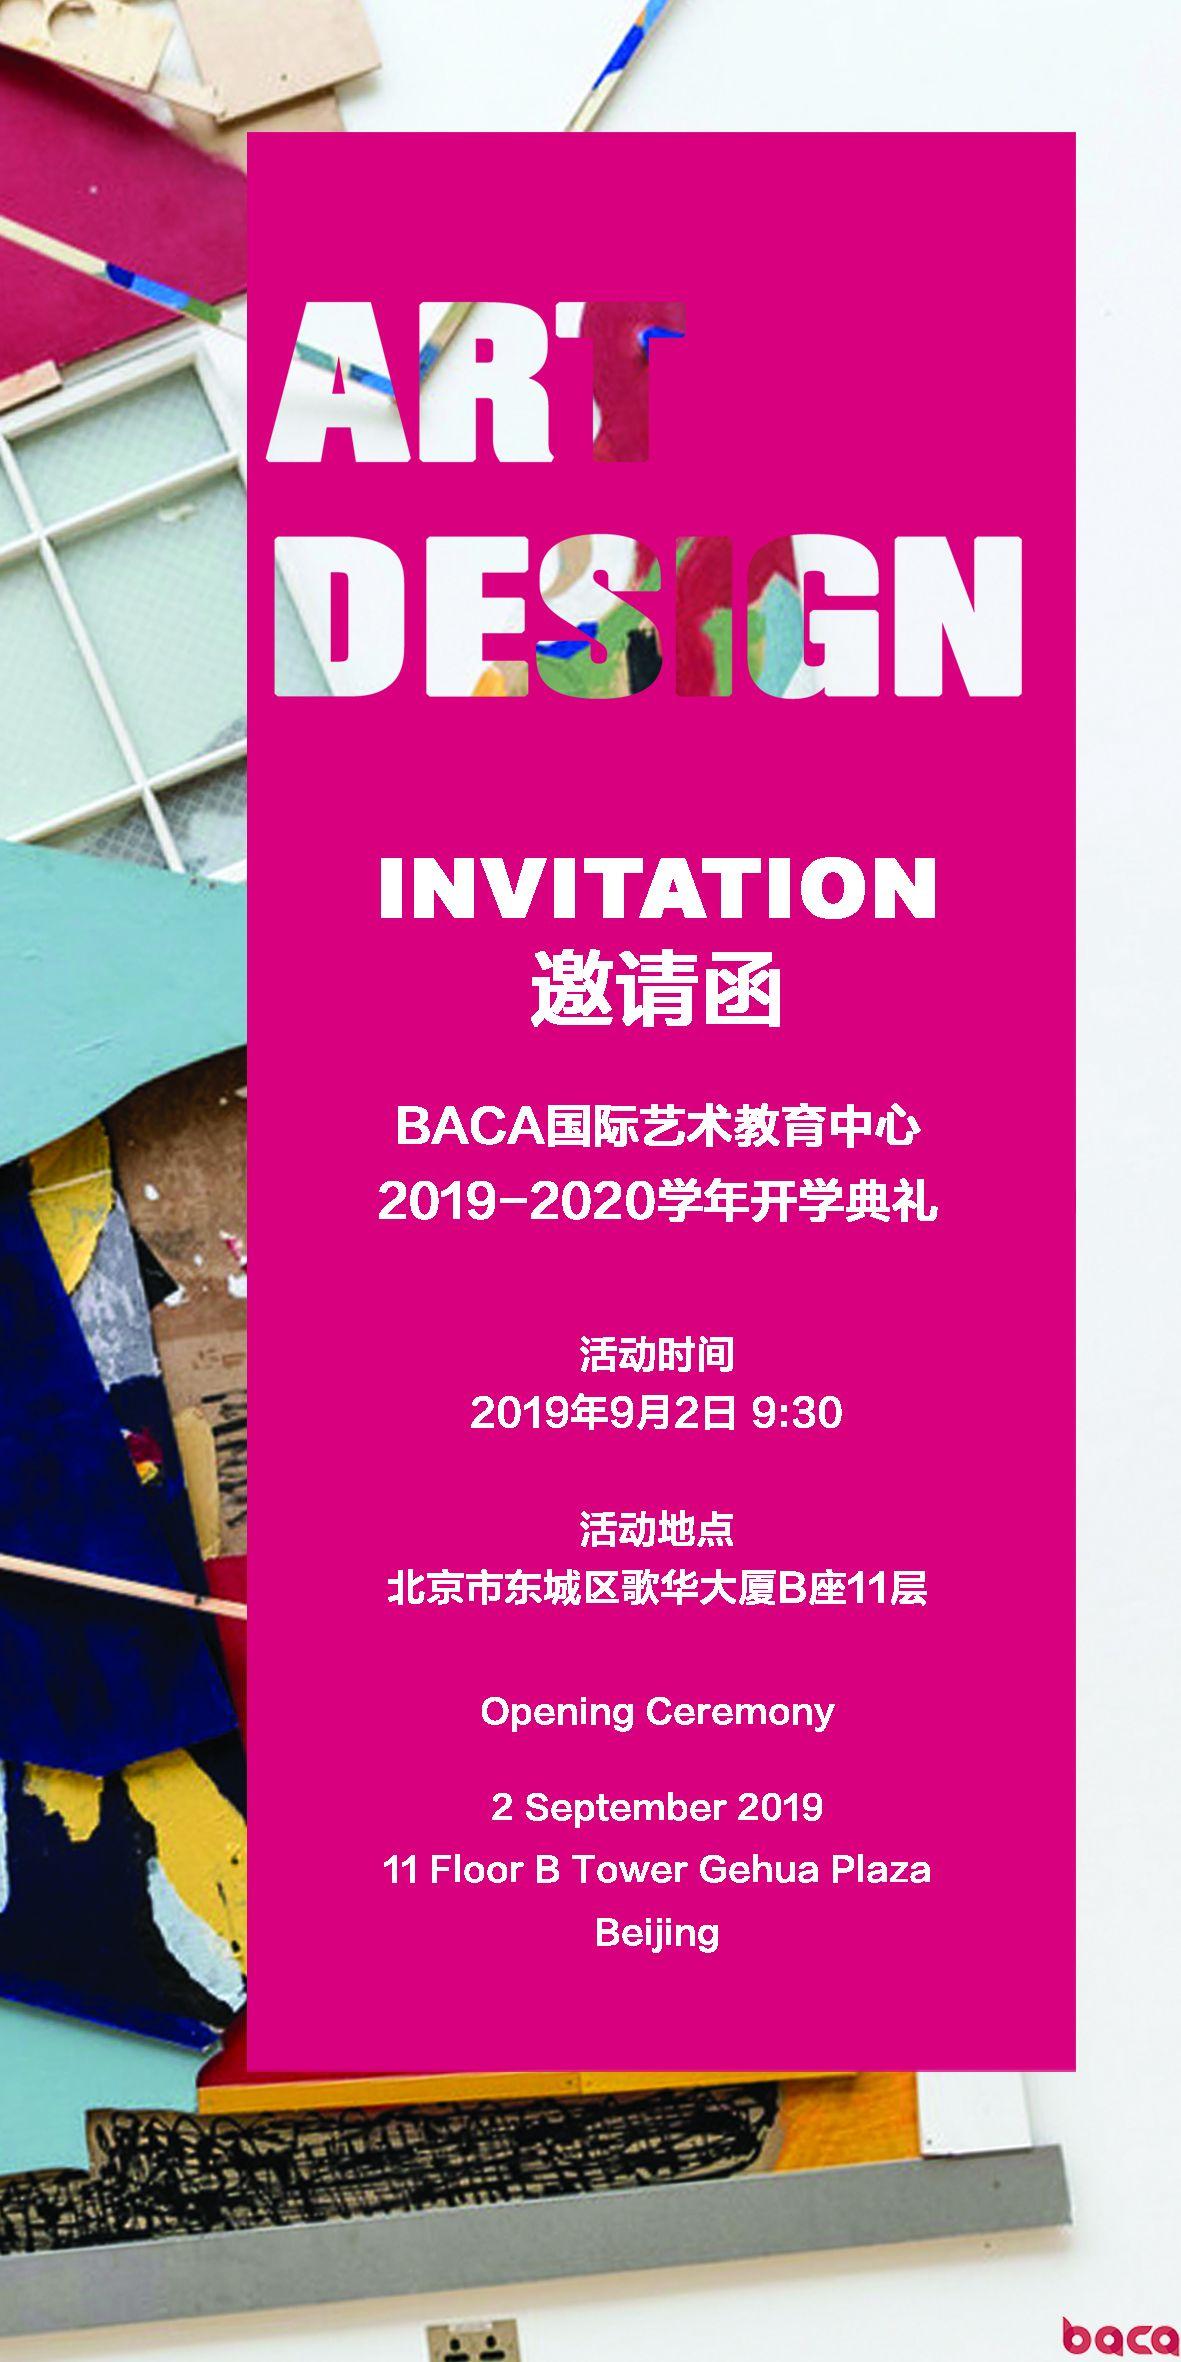 开学典礼邀请函模板免费下载 BACA国际艺术教育中心2019